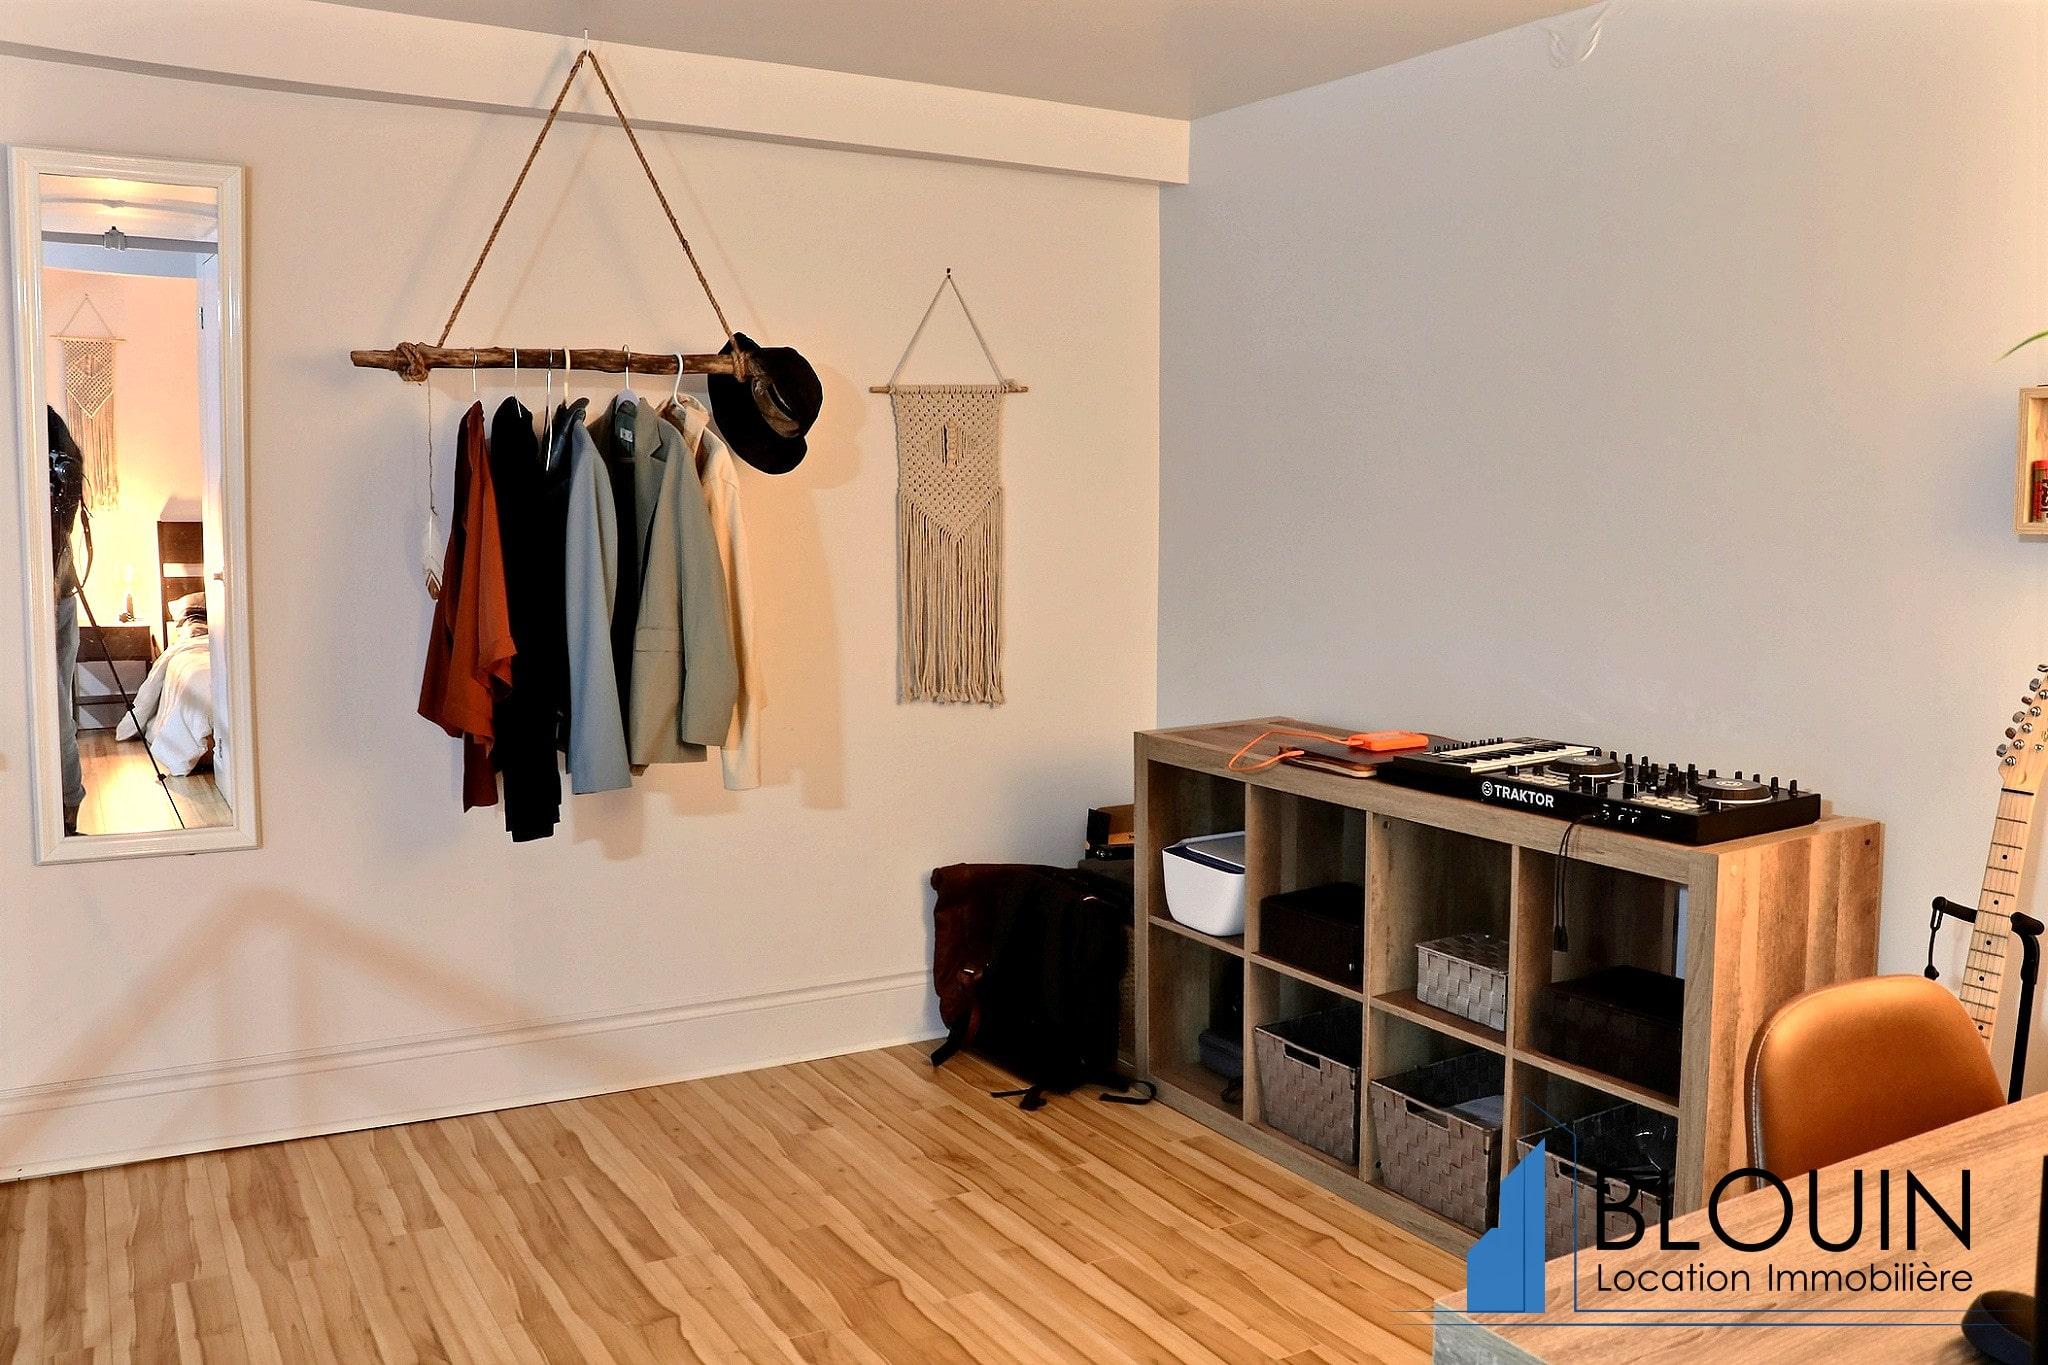 Photo 12 : Magnifique 3 ½ sur 2 étages, à St-Roch, libre pour Novembre, Semi-meublée